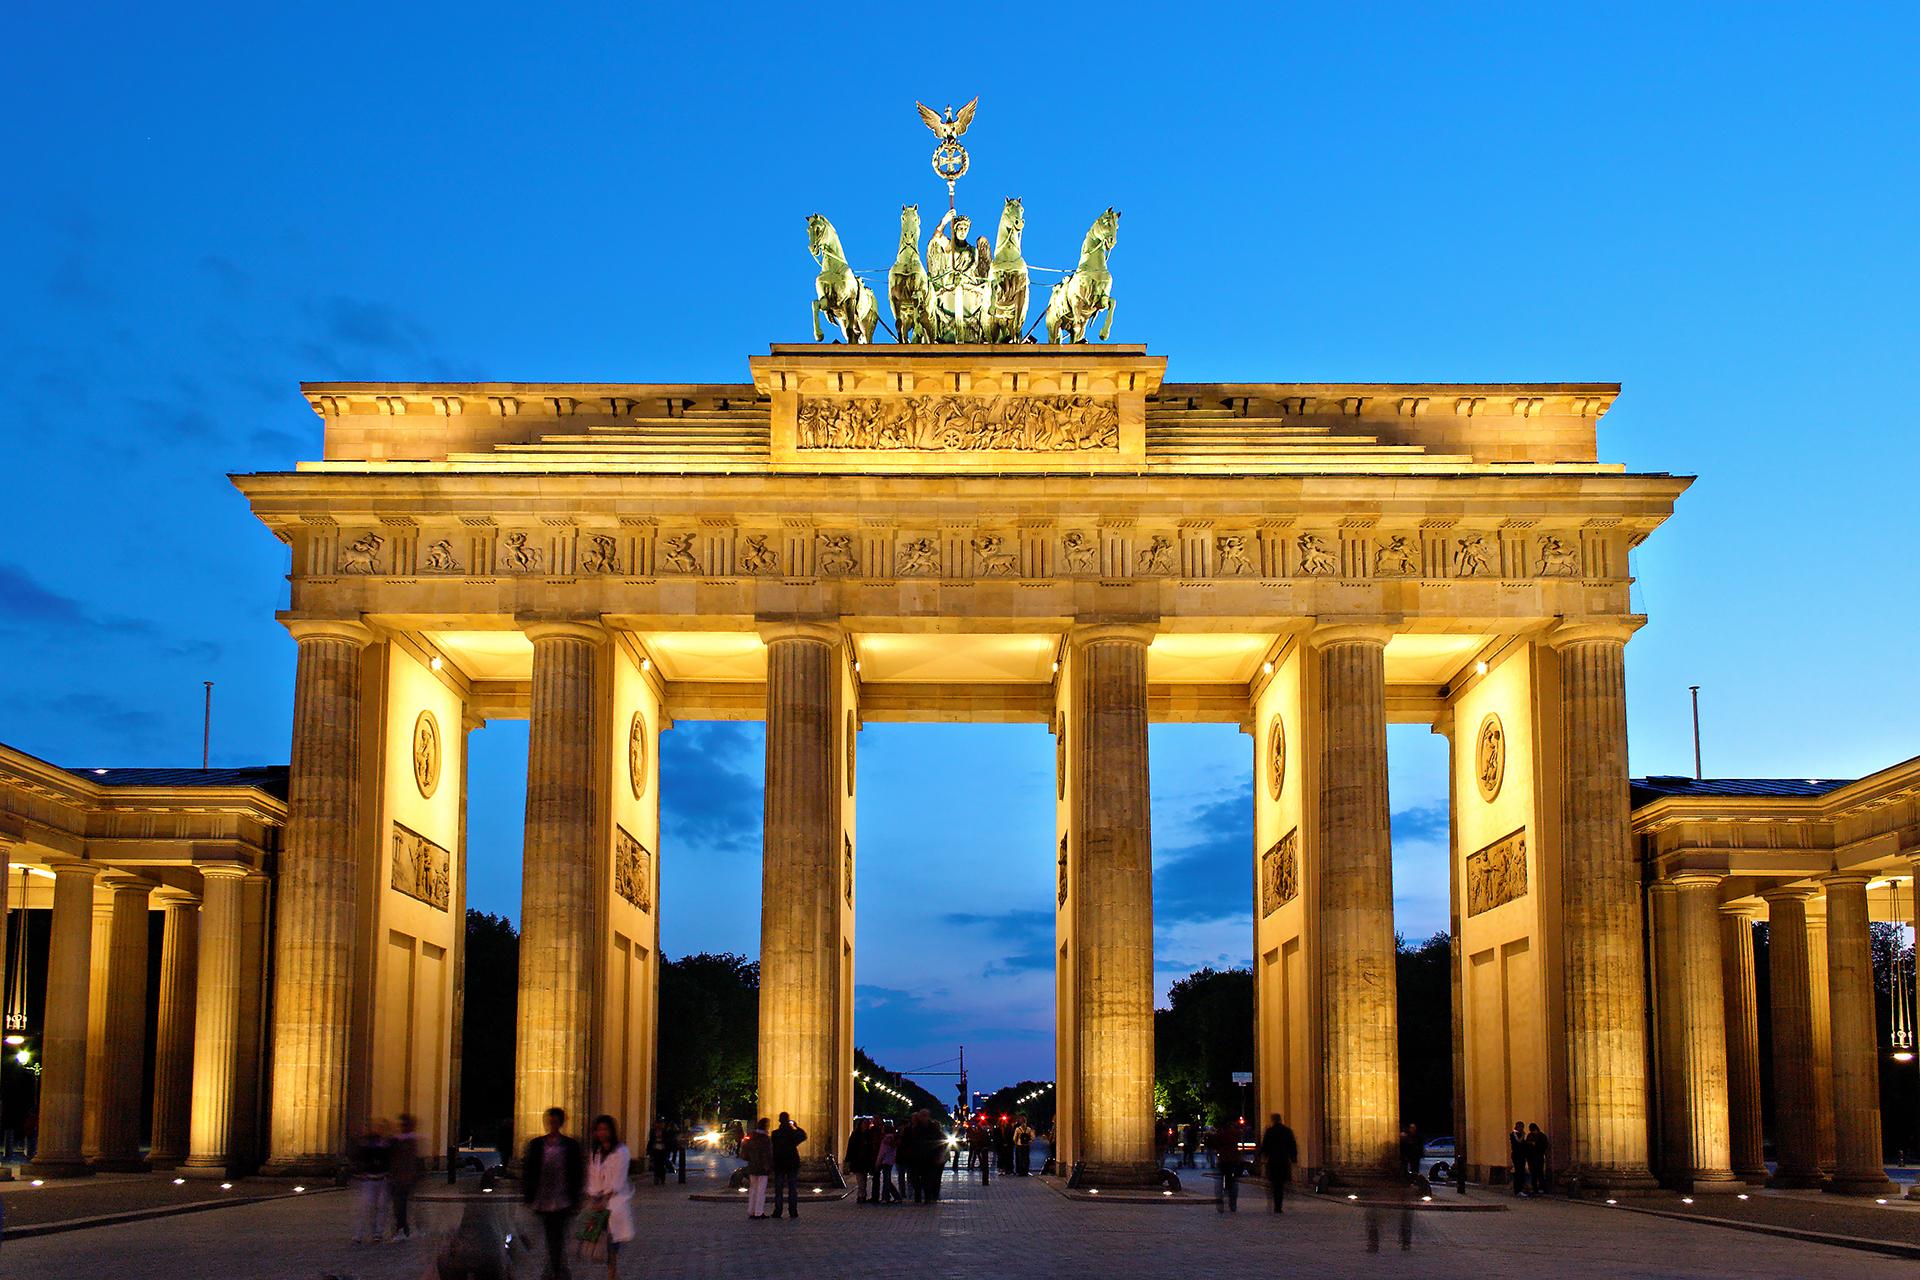 Flug von Köln nach Berlin ab 2,77€ bei Zahlung mit Giropay (Oktober)